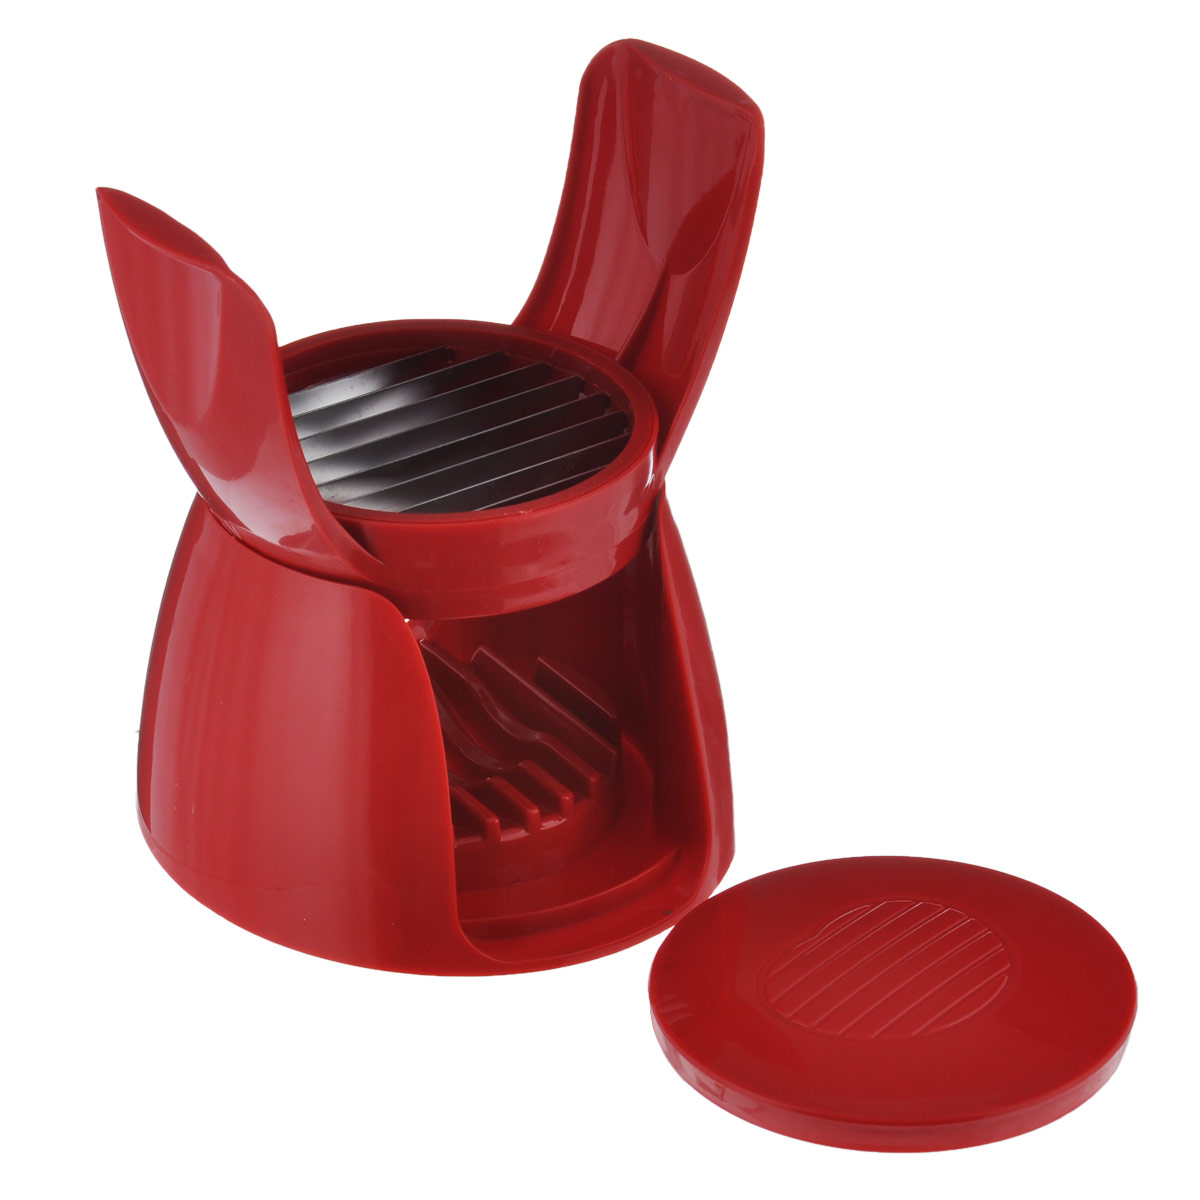 Овощерезка для томатов Bradex Сеньор Помидор, цвет: красный68/5/3Овощерезка для томатов Bradex Сеньор Помидор выполнена из прочного пищевого пластика с лезвиями из нержавеющей стали. Если вам нужно порезать идеально ровными кольцами помидоры для салата, сэндвичей или закусок, то овощерезка для томатов поможет вам сделать это быстро и не пачкая пальцы. Также ее можно использовать для мягких сортов сыра, вареных овощей, фруктов. Кольца нарезанных продуктов будут идеально одинаковой толщины. С этой овощерезкой вы гораздо быстрее справитесь с приготовлением вкусных и любимых блюд не только в праздники, но и в будни. Все вышеперечисленные продукты вы сможете порезать идеальными ровными кольцами всего лишь одним нажатием. Размер овощерезки в сложенном виде: 12,5 см х 12,5 см х 9 см.